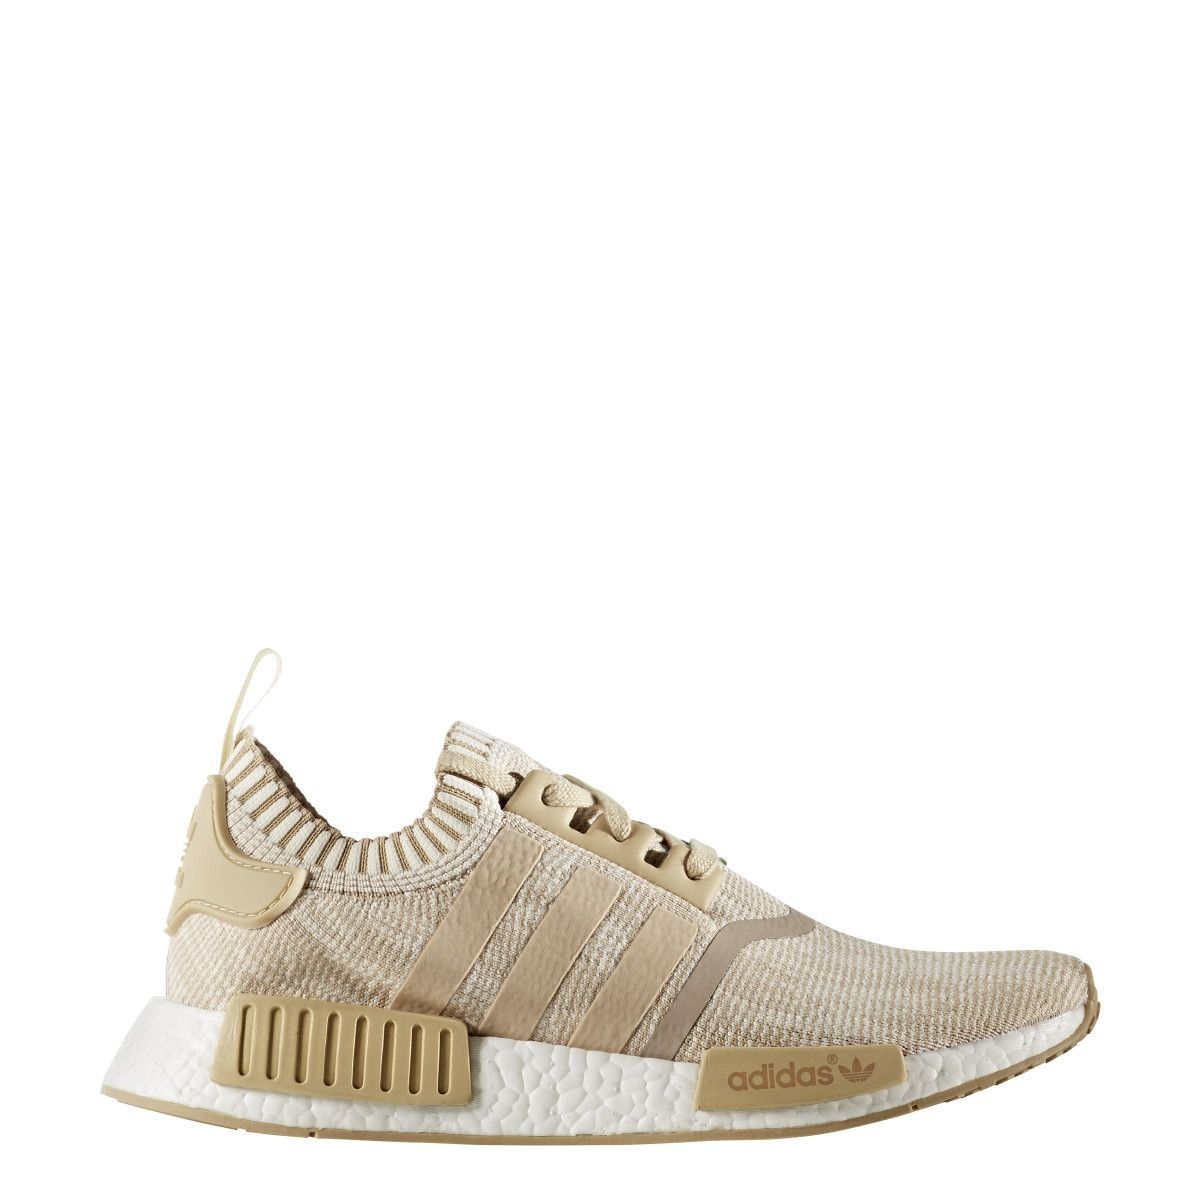 adidas Originals NMD_R1 Primeknit Schuh Herren Sneakers